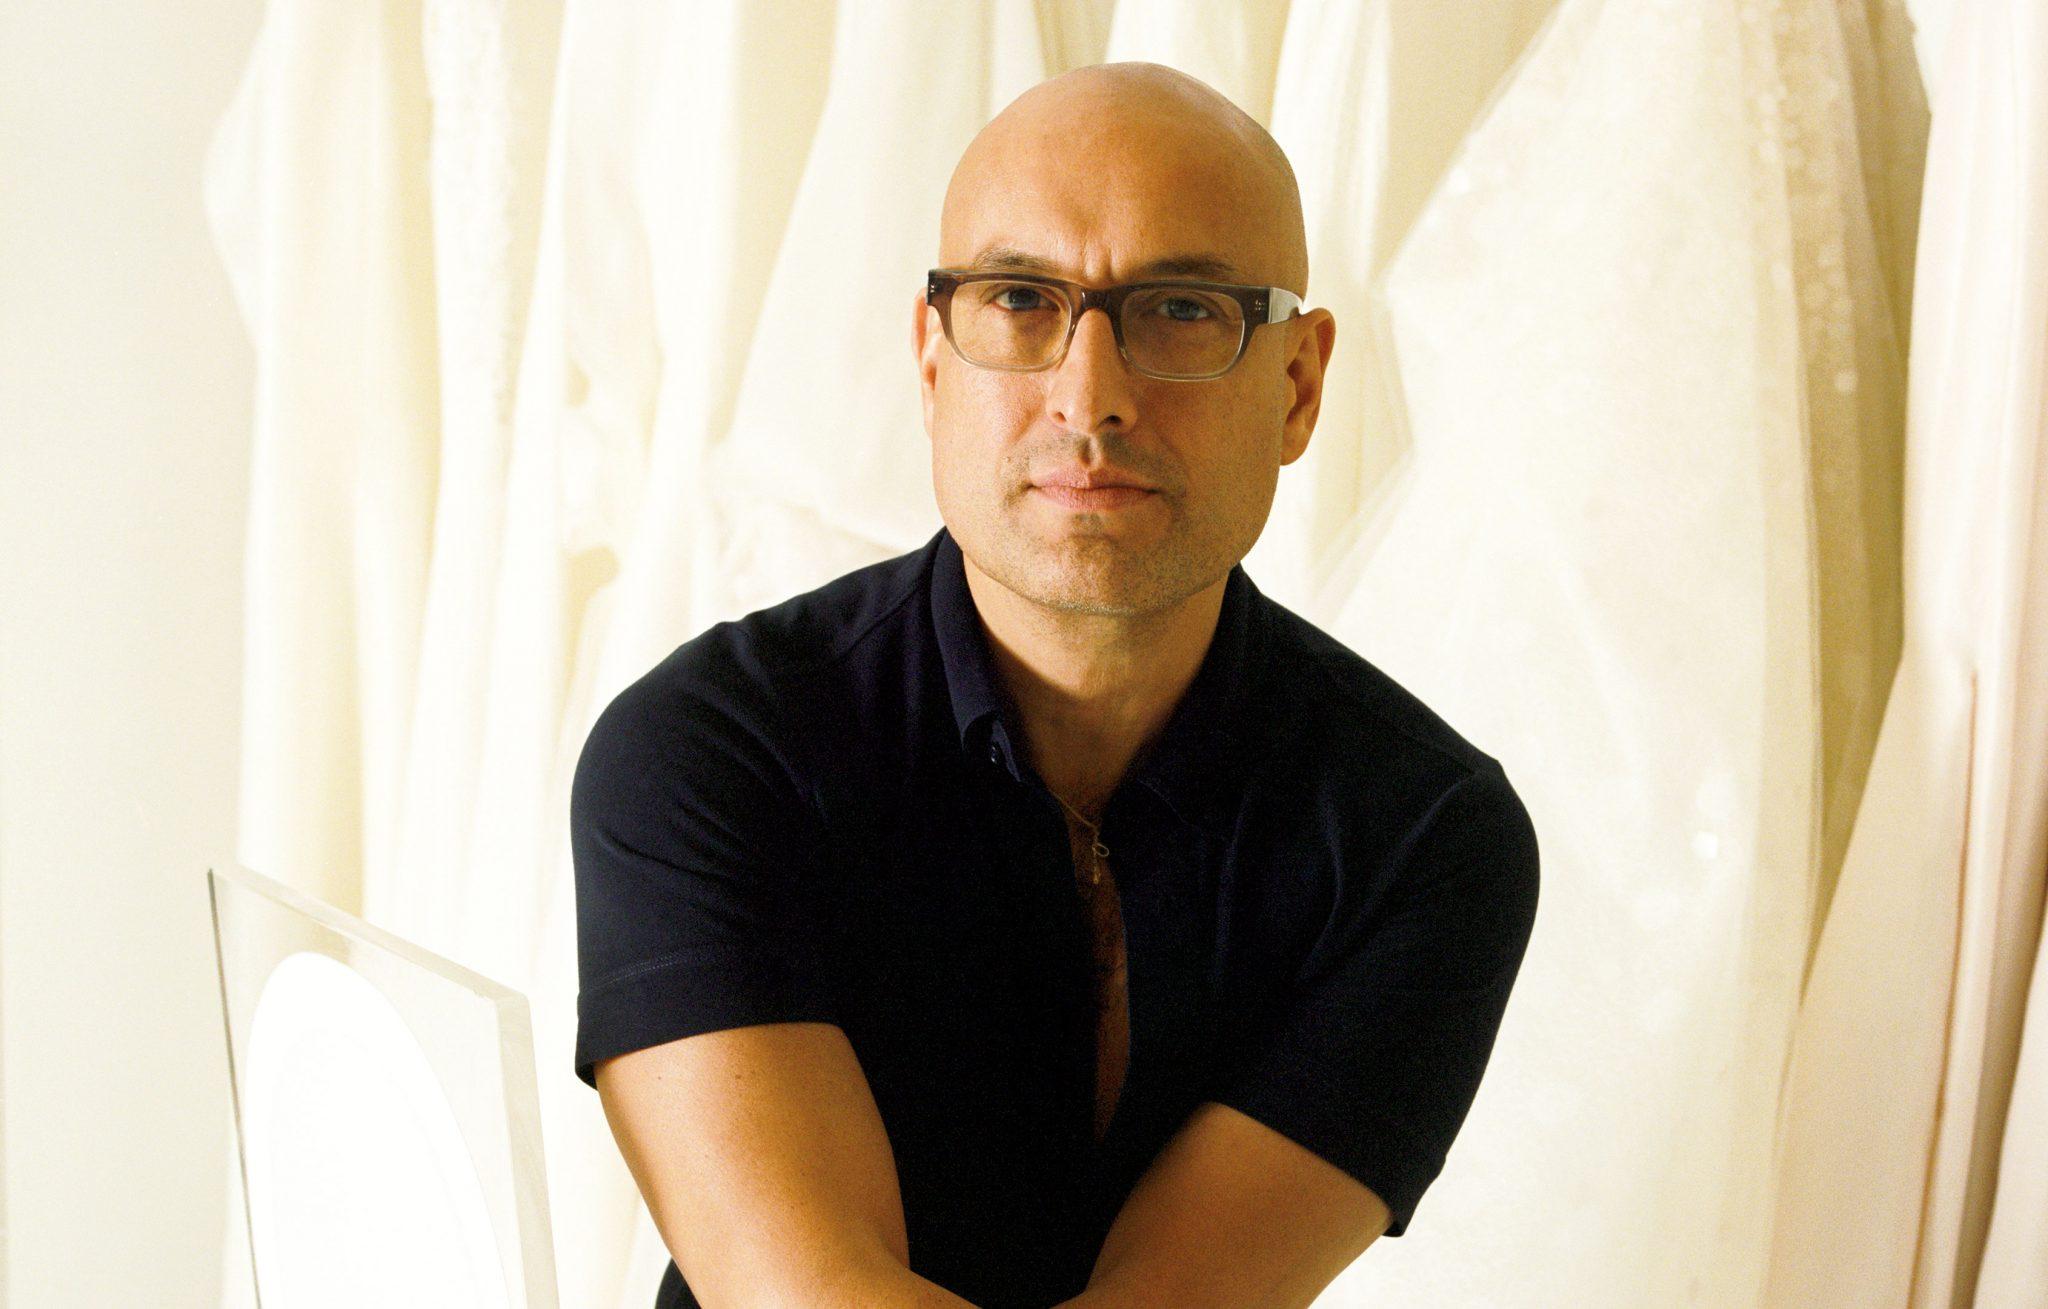 آنخل سانچز طراح ونزوئلایی سبکی بسیار ظریف و رمانتیک دارد.